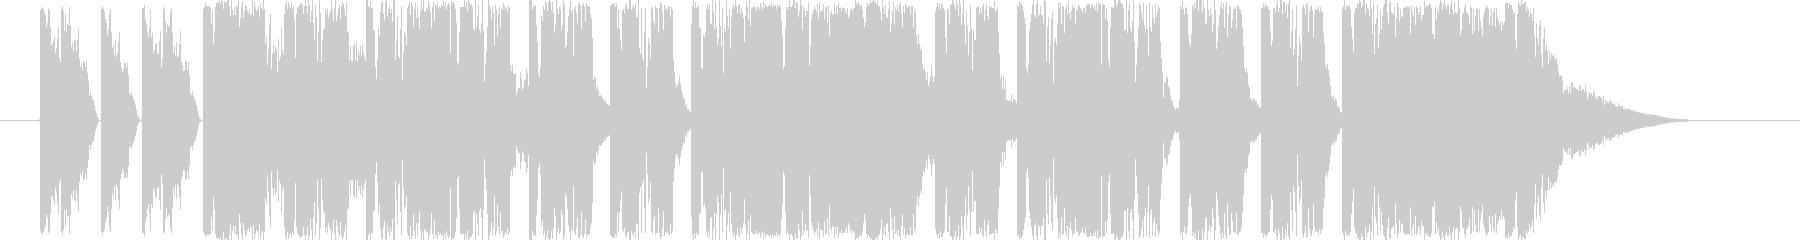 ダンサブルなエレクトロ(11秒ジングル)の未再生の波形